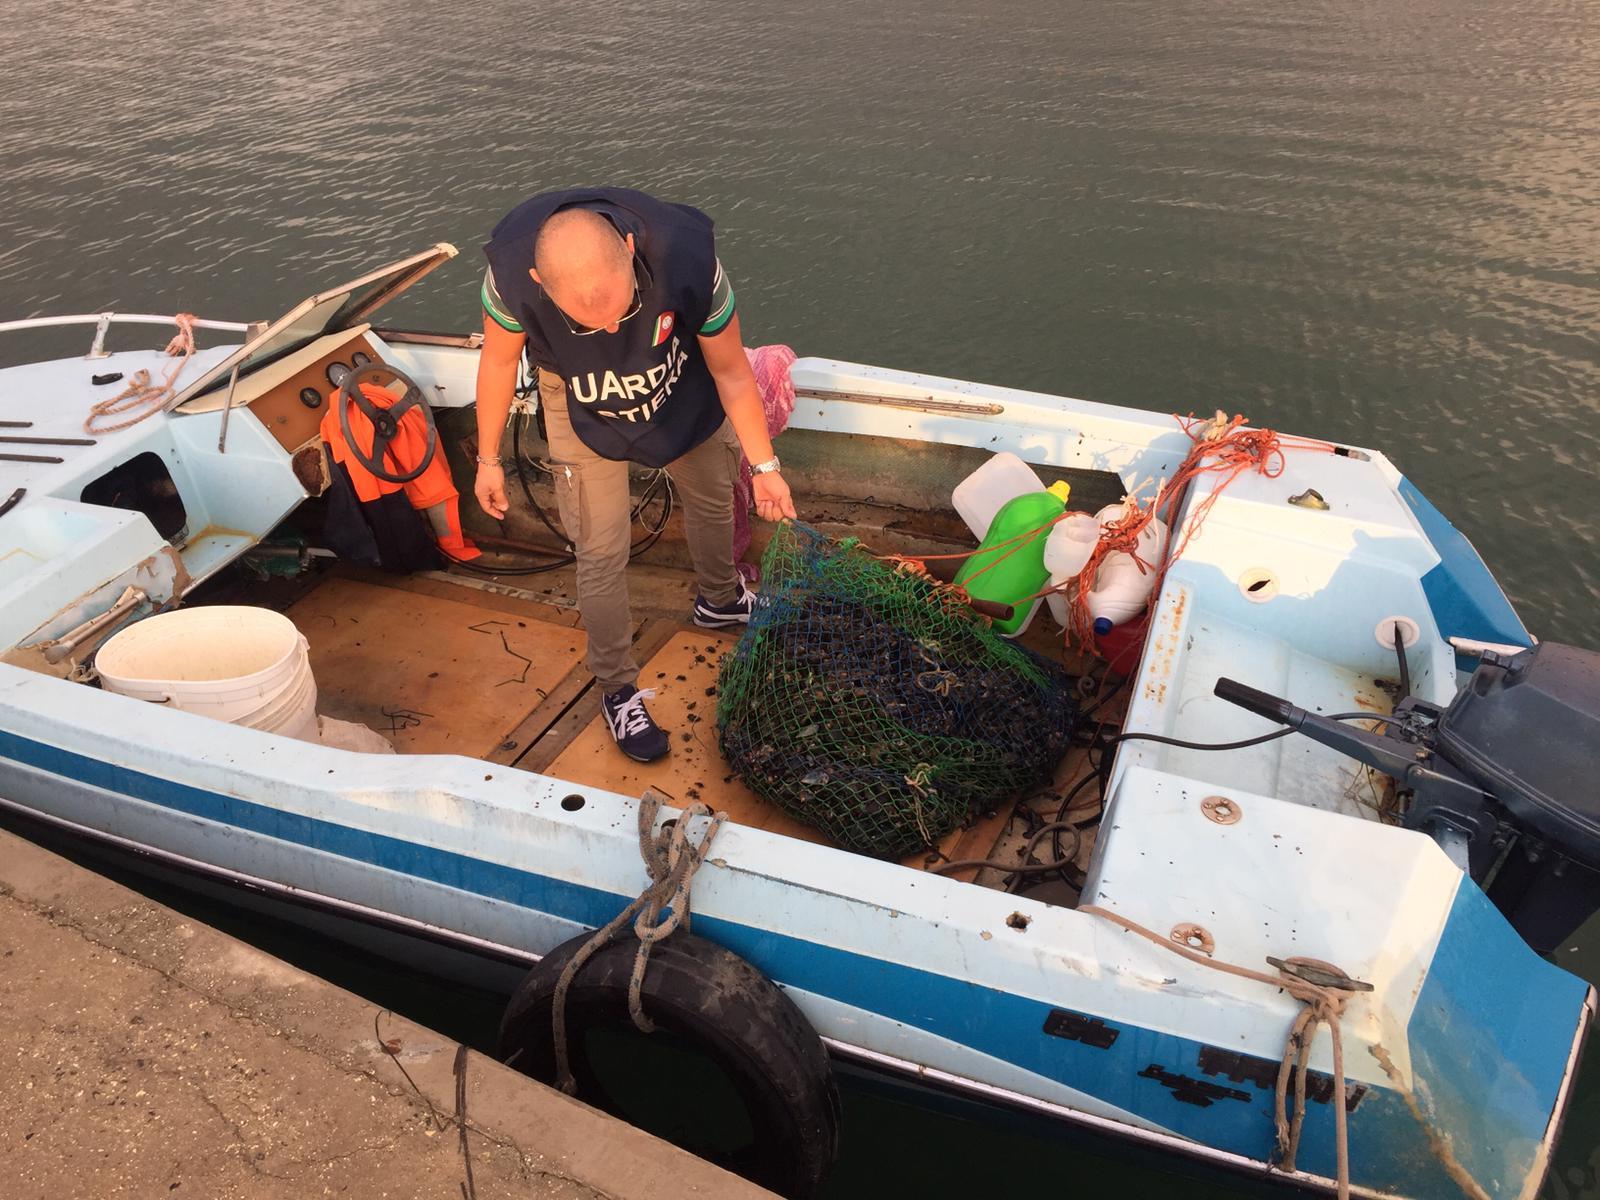 Pesca di frodo a Siracusa, sequestro di 10 chili di  prodotti ittici e 3 sanzioni